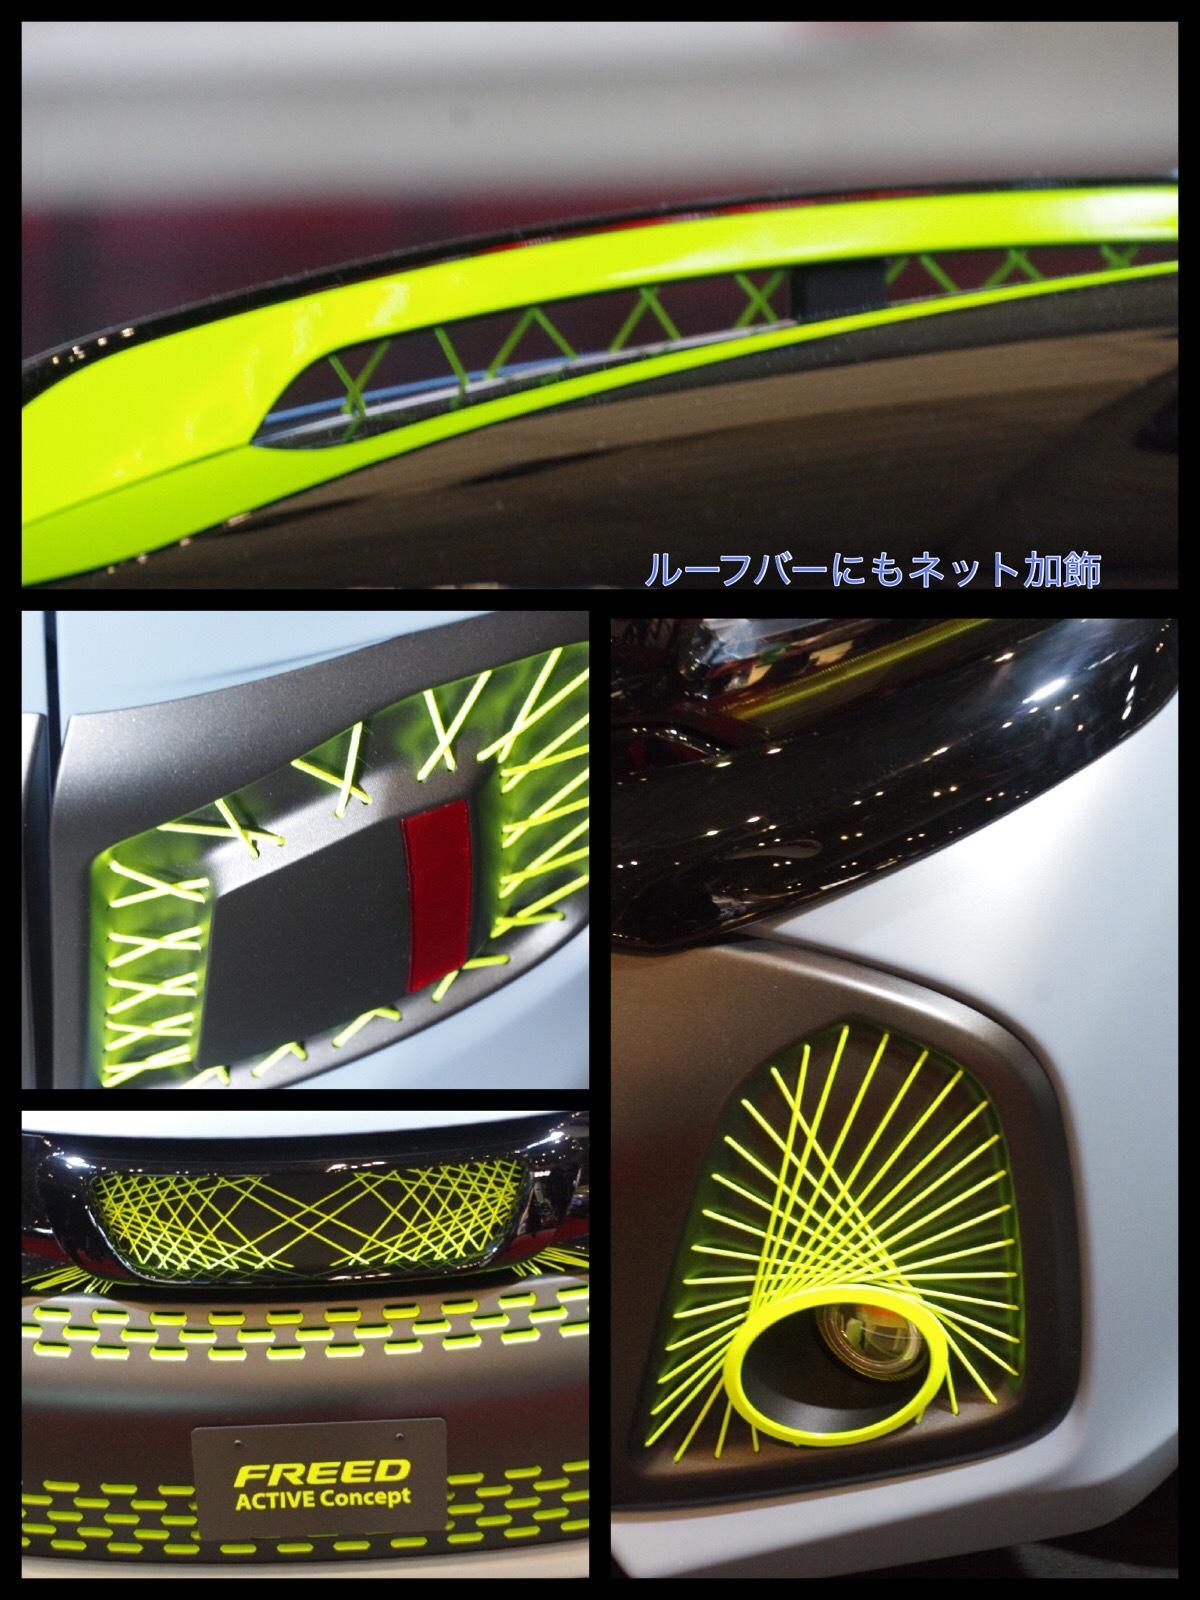 ホンダ フリード アクティブコンセプト 東京オートサロン2017